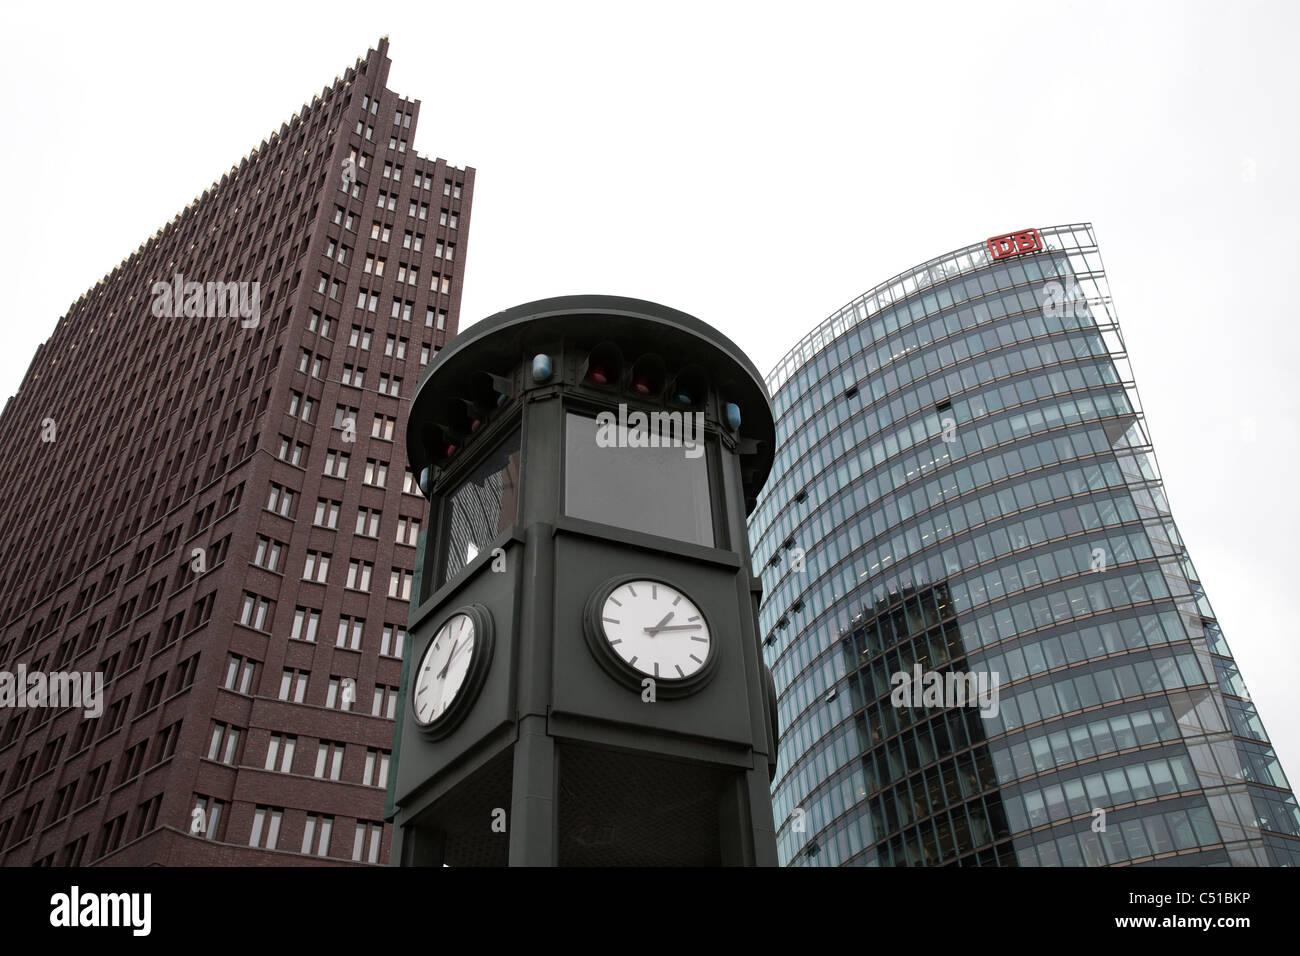 Kolhoff-Turm, die Uhr und die Deutsche Bahn AG. Potsdamer Platz, Berlin Stockbild